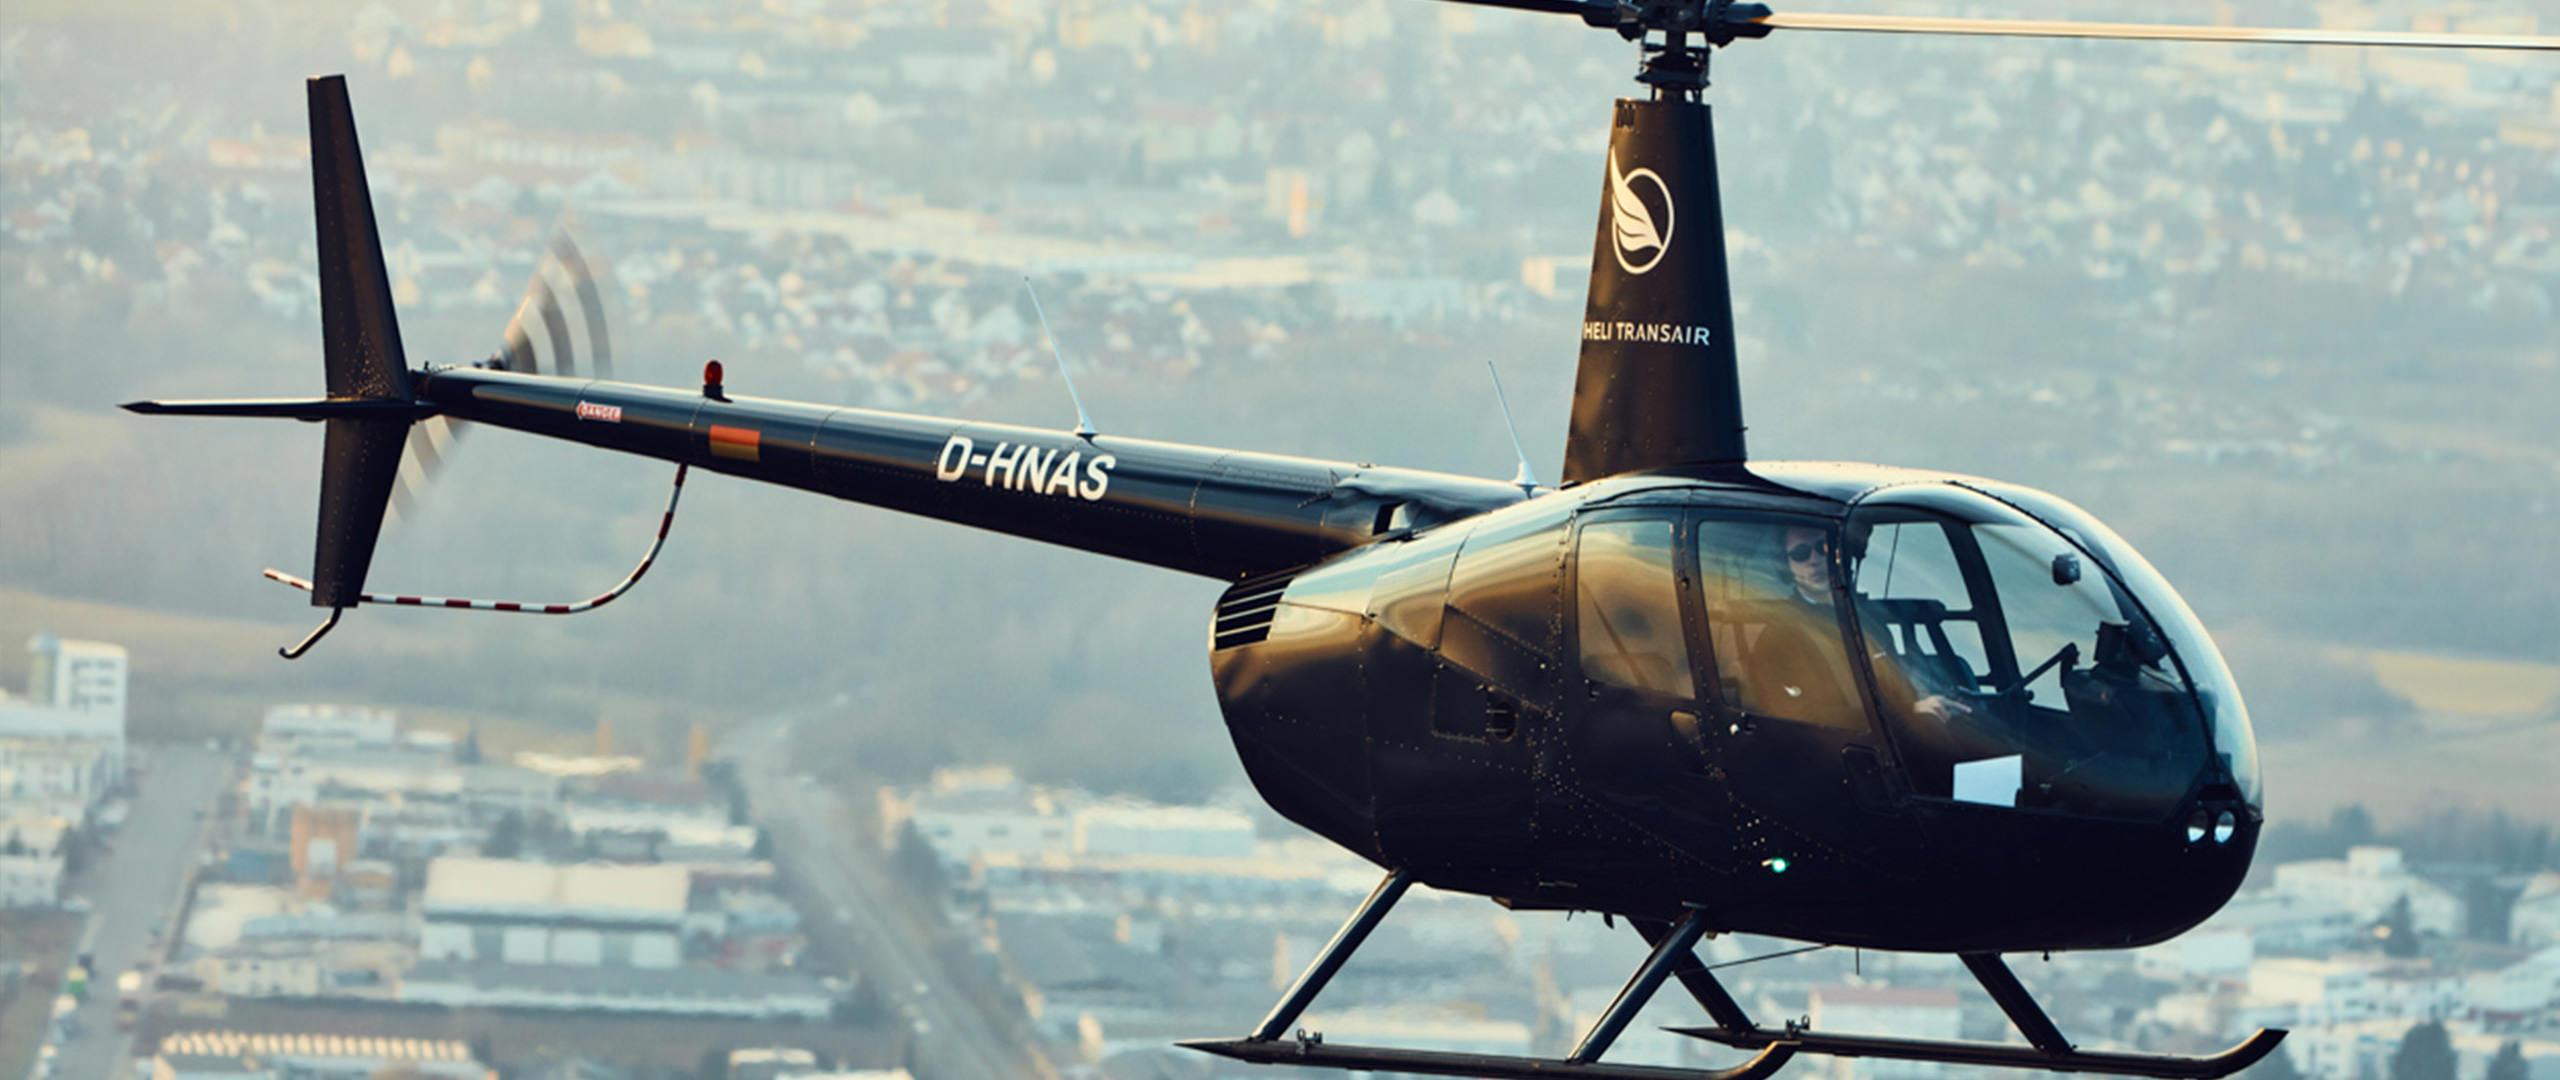 Hubschrauber fliegen online dating